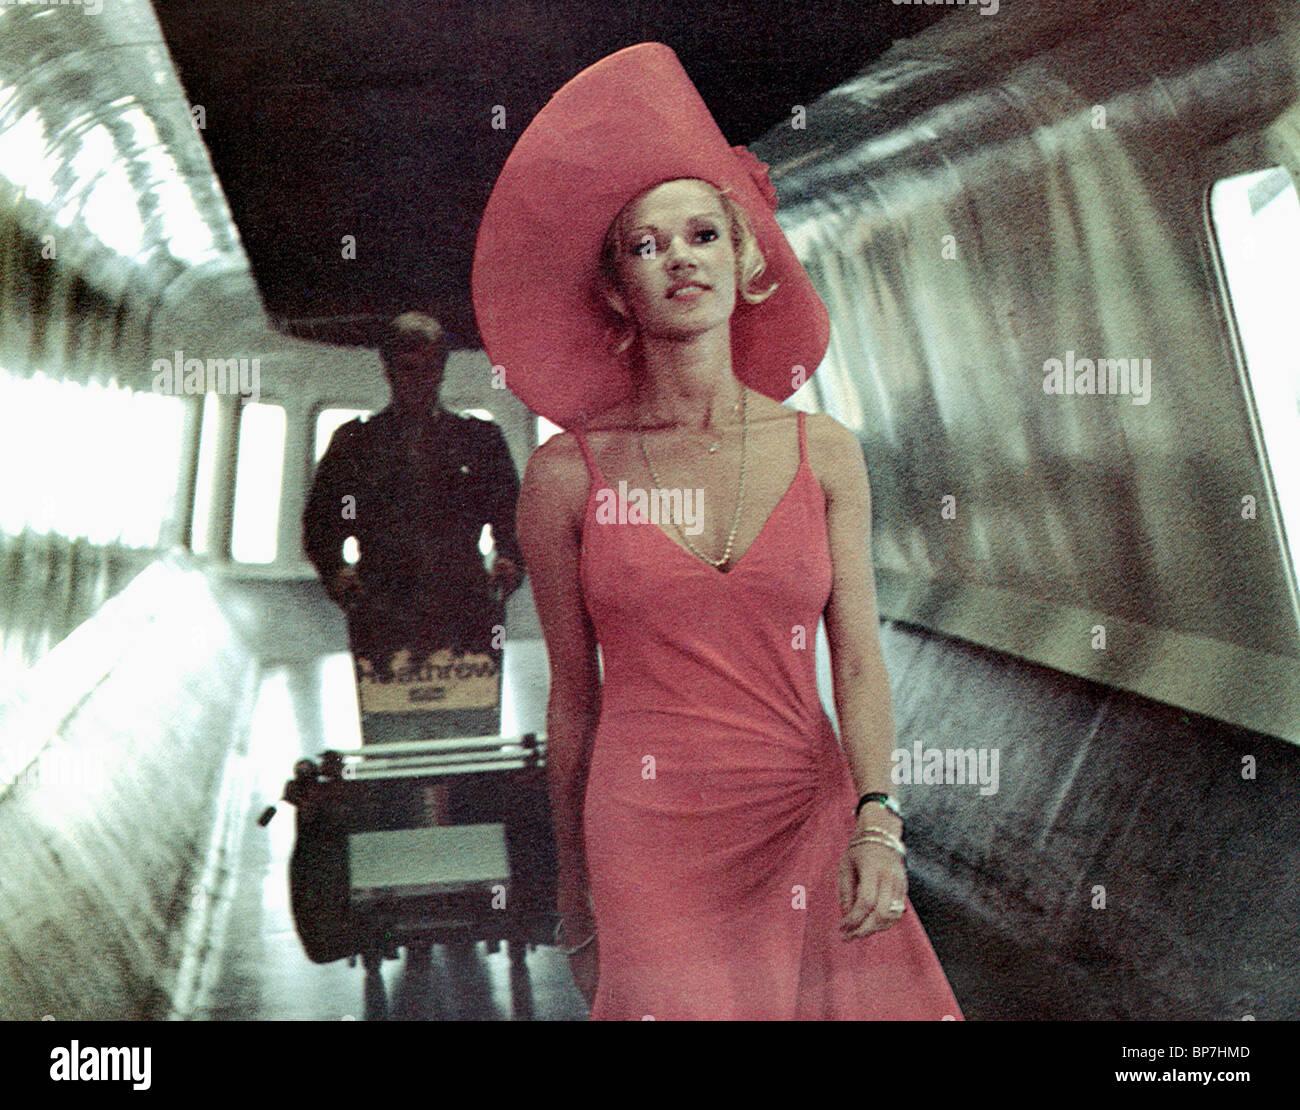 Brigitte Lahaie Nude Photos 18